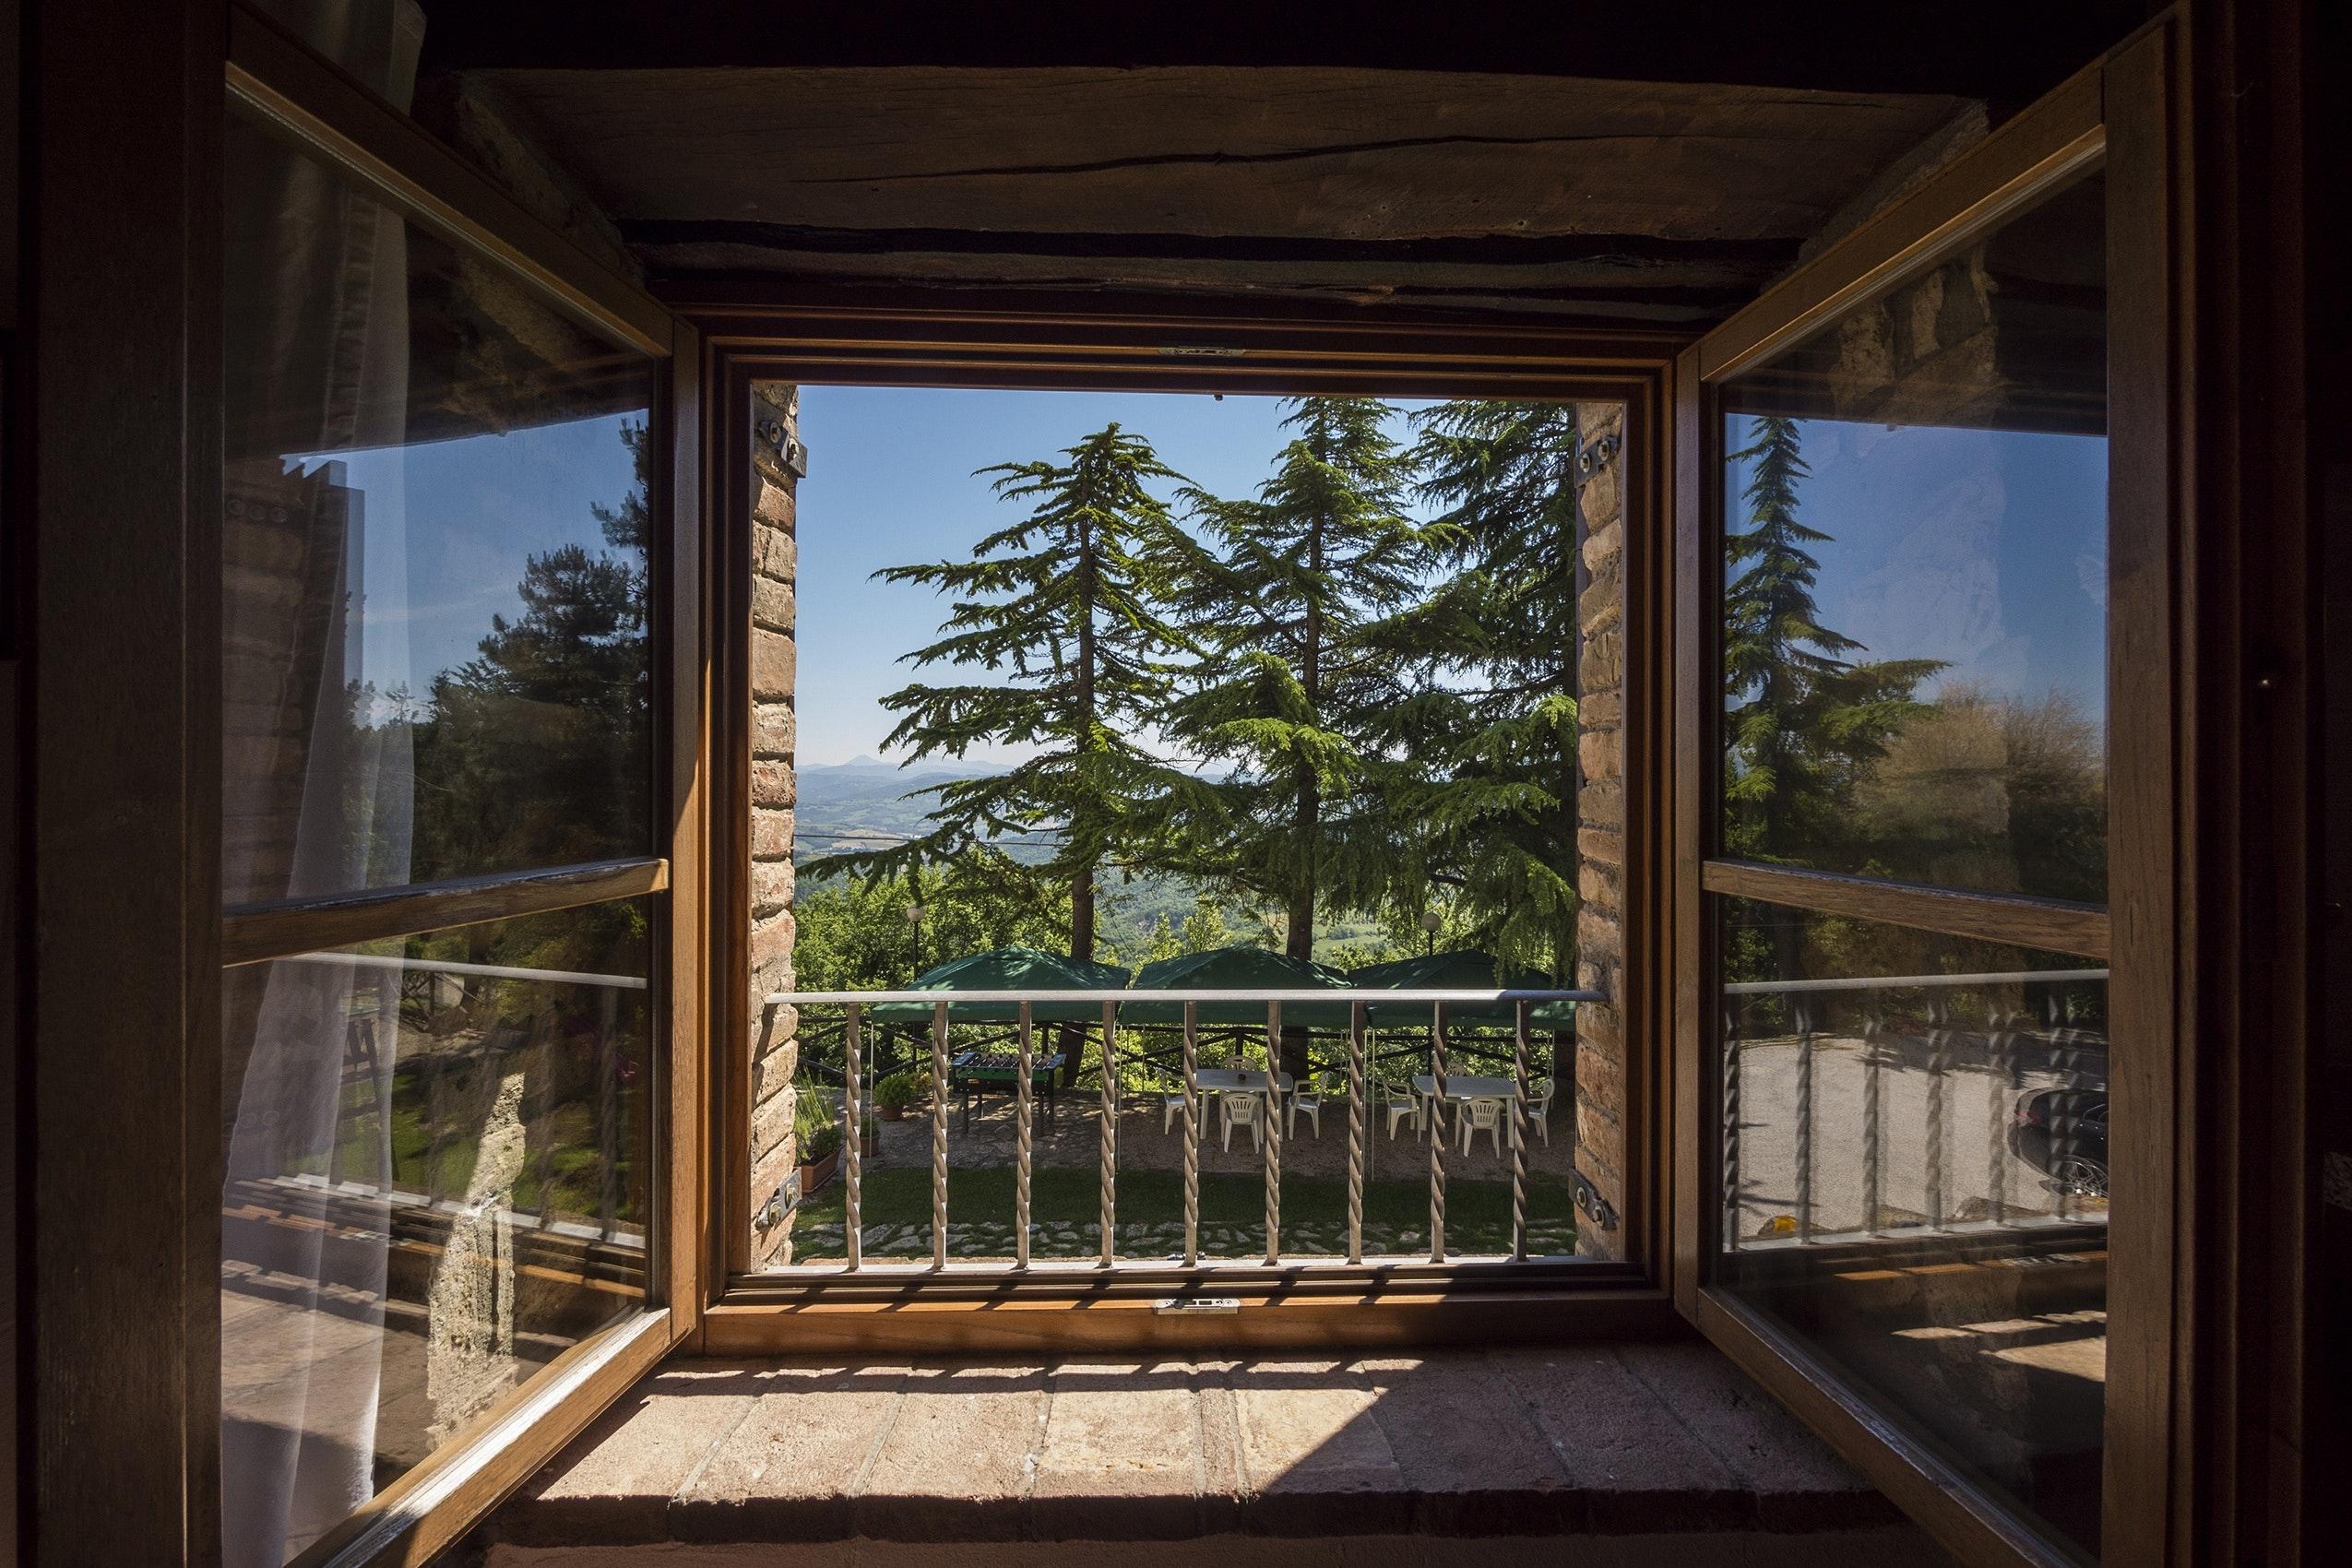 312 breezy window images · pexels · free stock photos